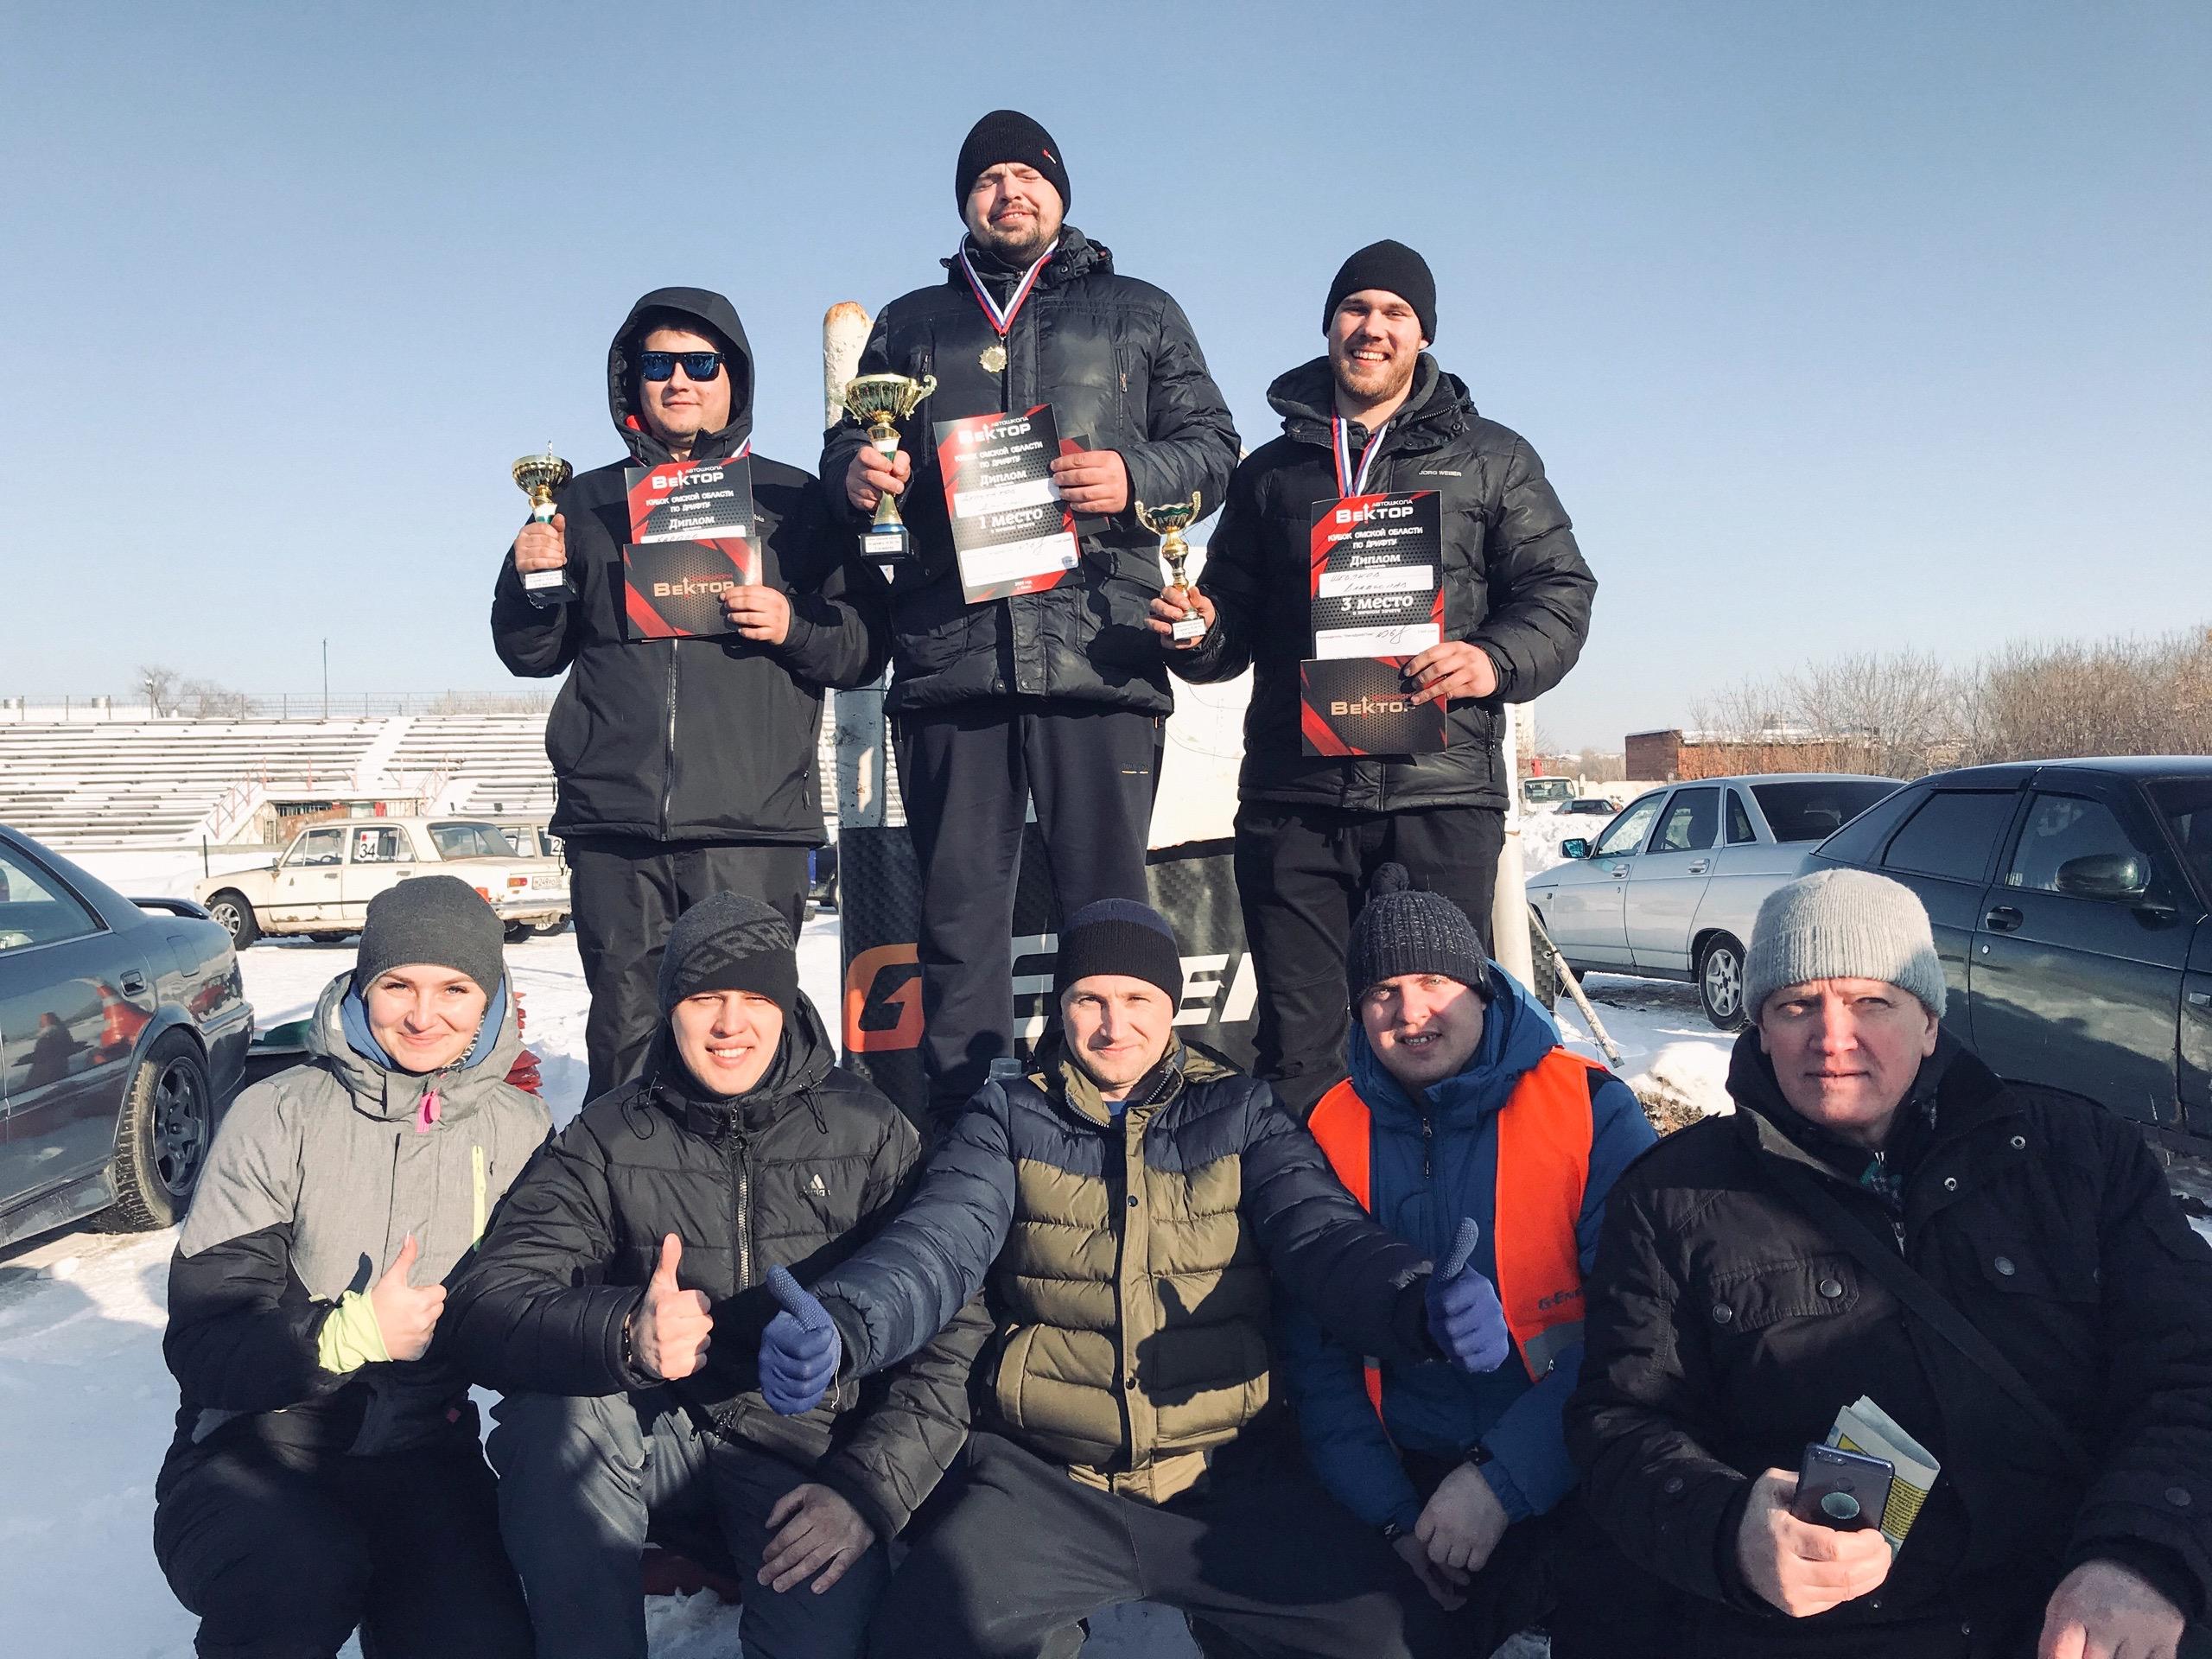 Итоговые результаты III этапа Кубка Омской области по дрифту «Формула Дрифт Омск. Зима 2019-2020»